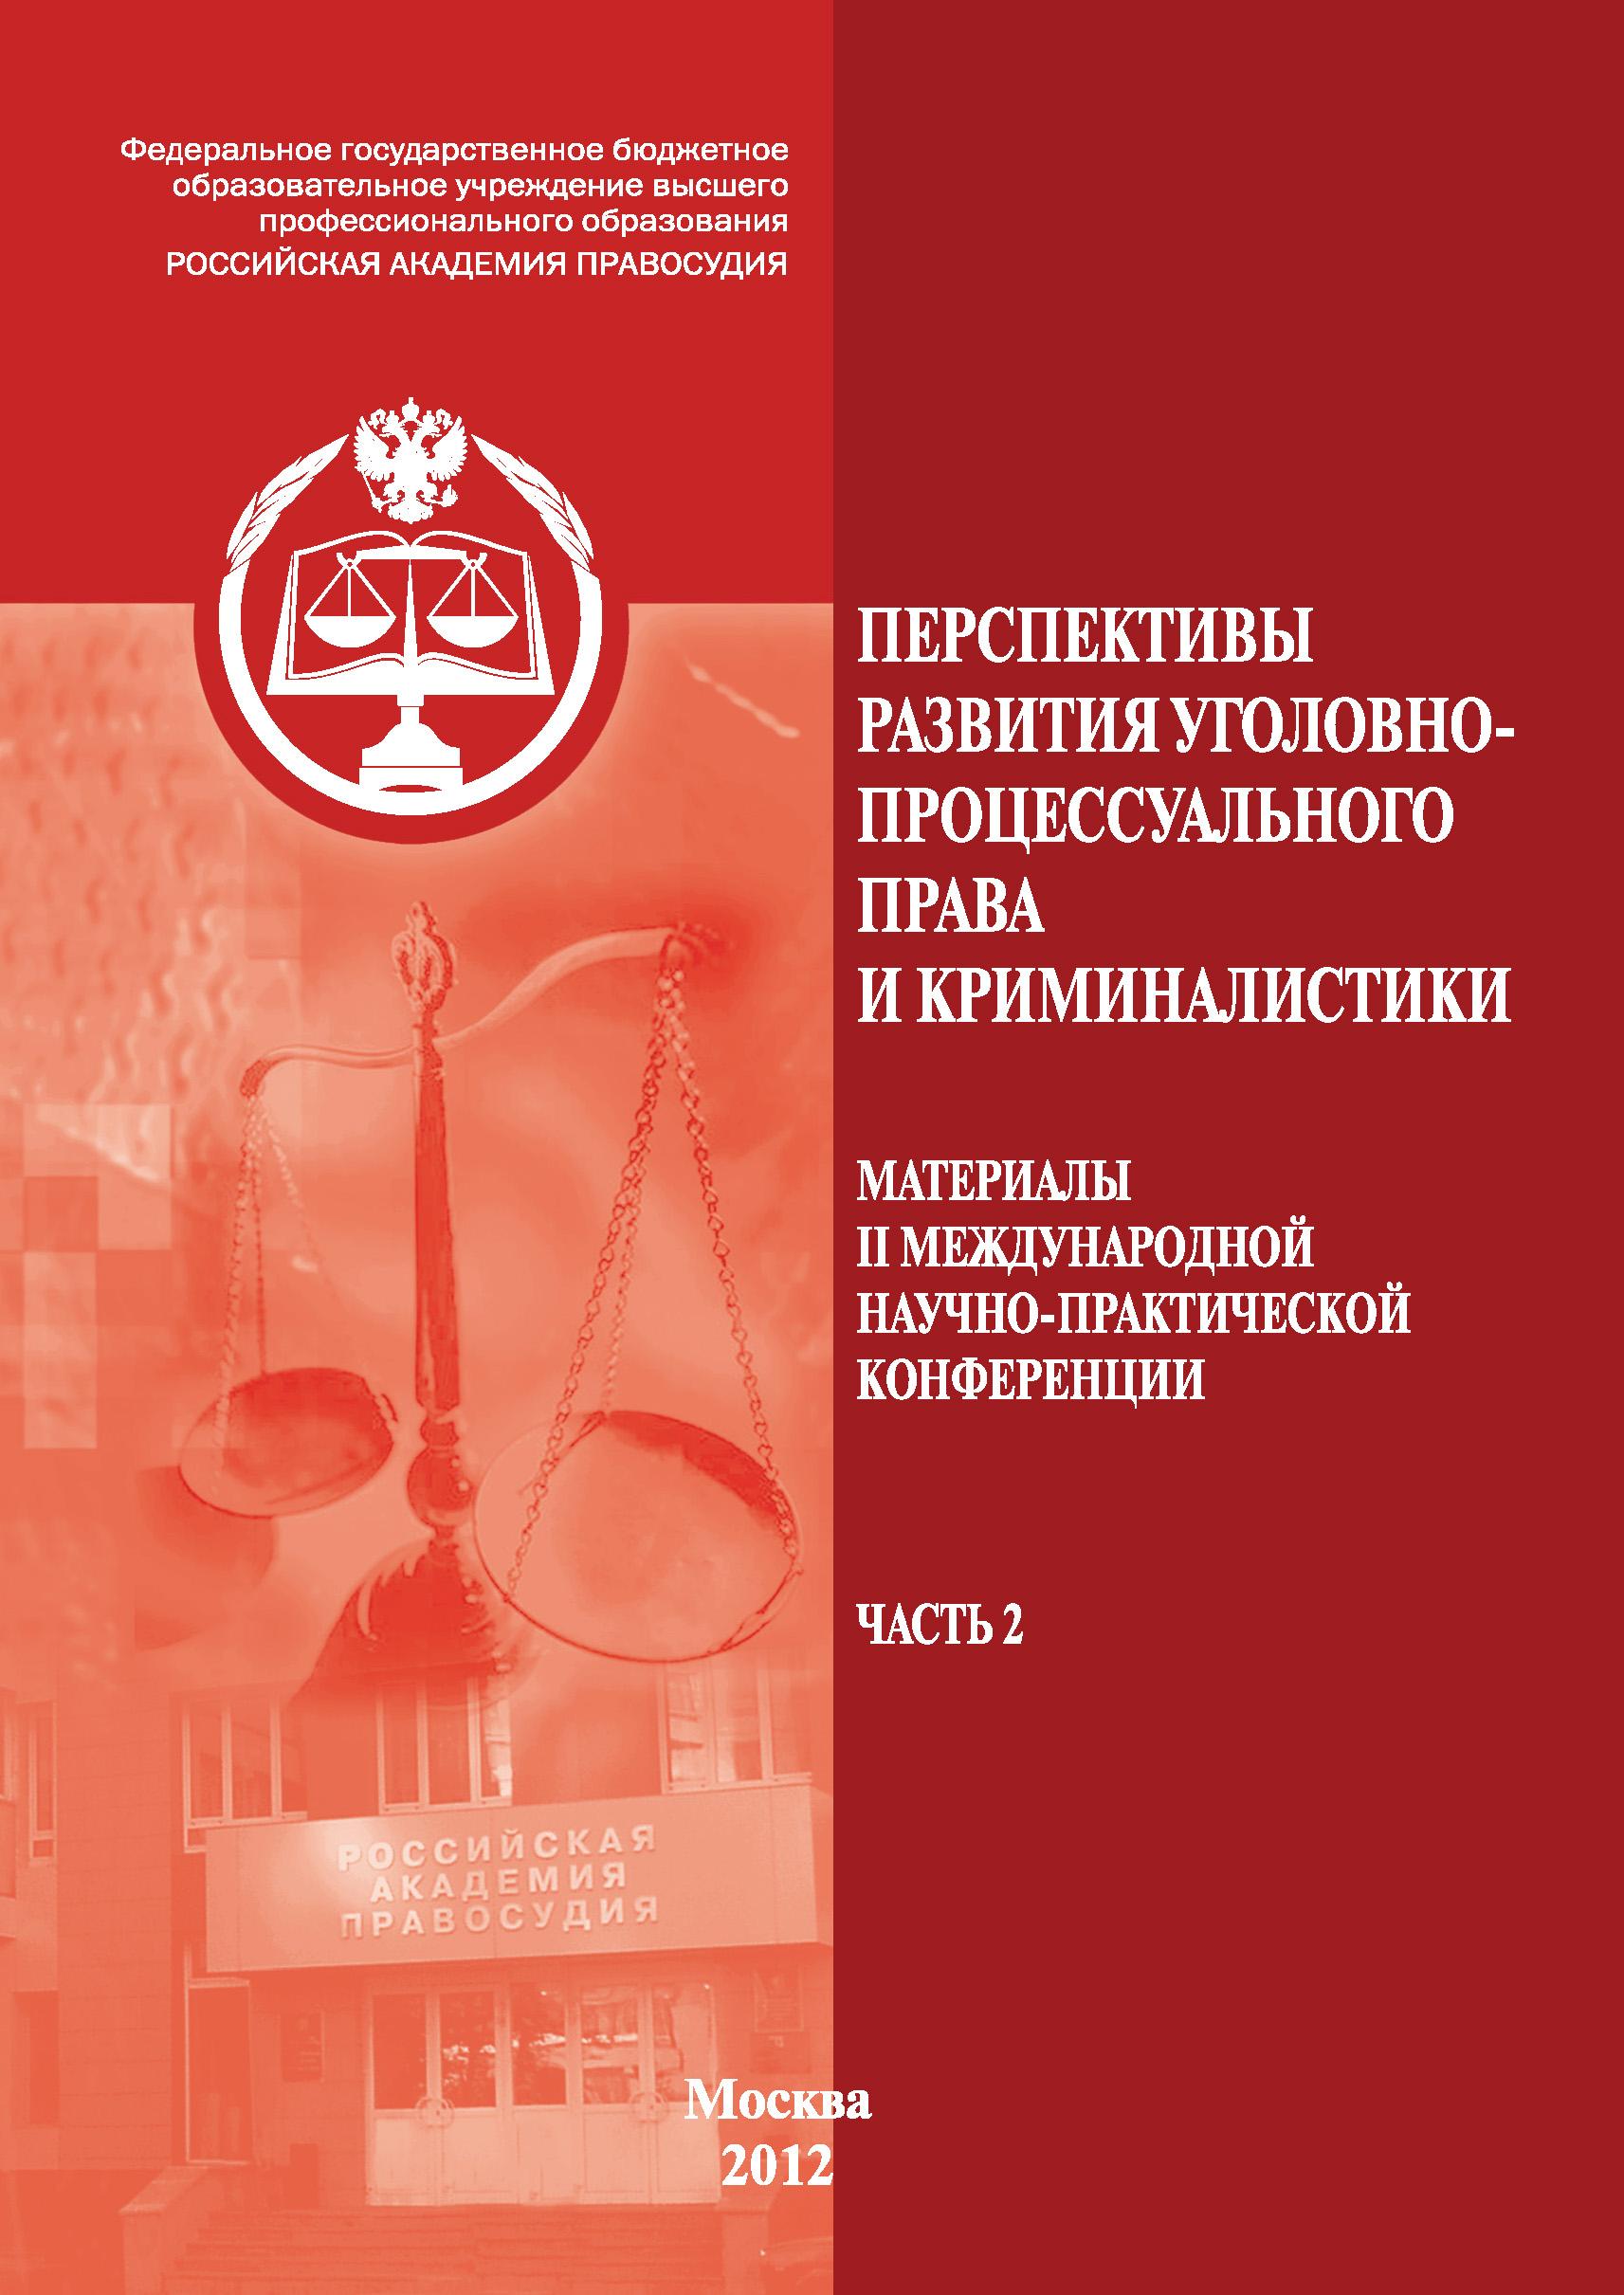 Перспективы развития уголовно-процессуального права и криминалистики. Материалы II международной научно-практической конференции. Часть 2